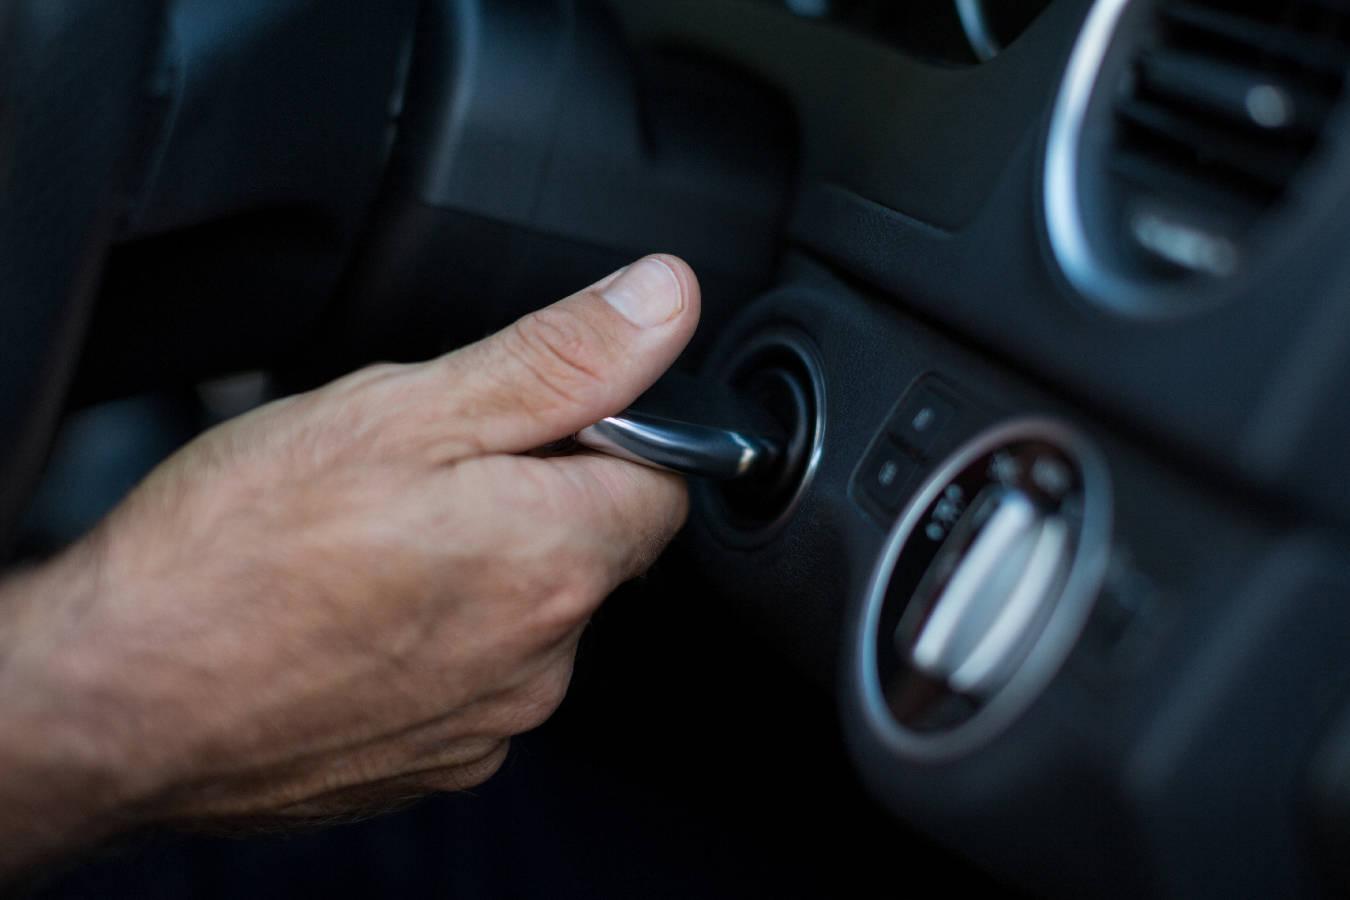 Problemy z rozruchem silnika – co zrobić, gdy auto nie chce się uruchomić?